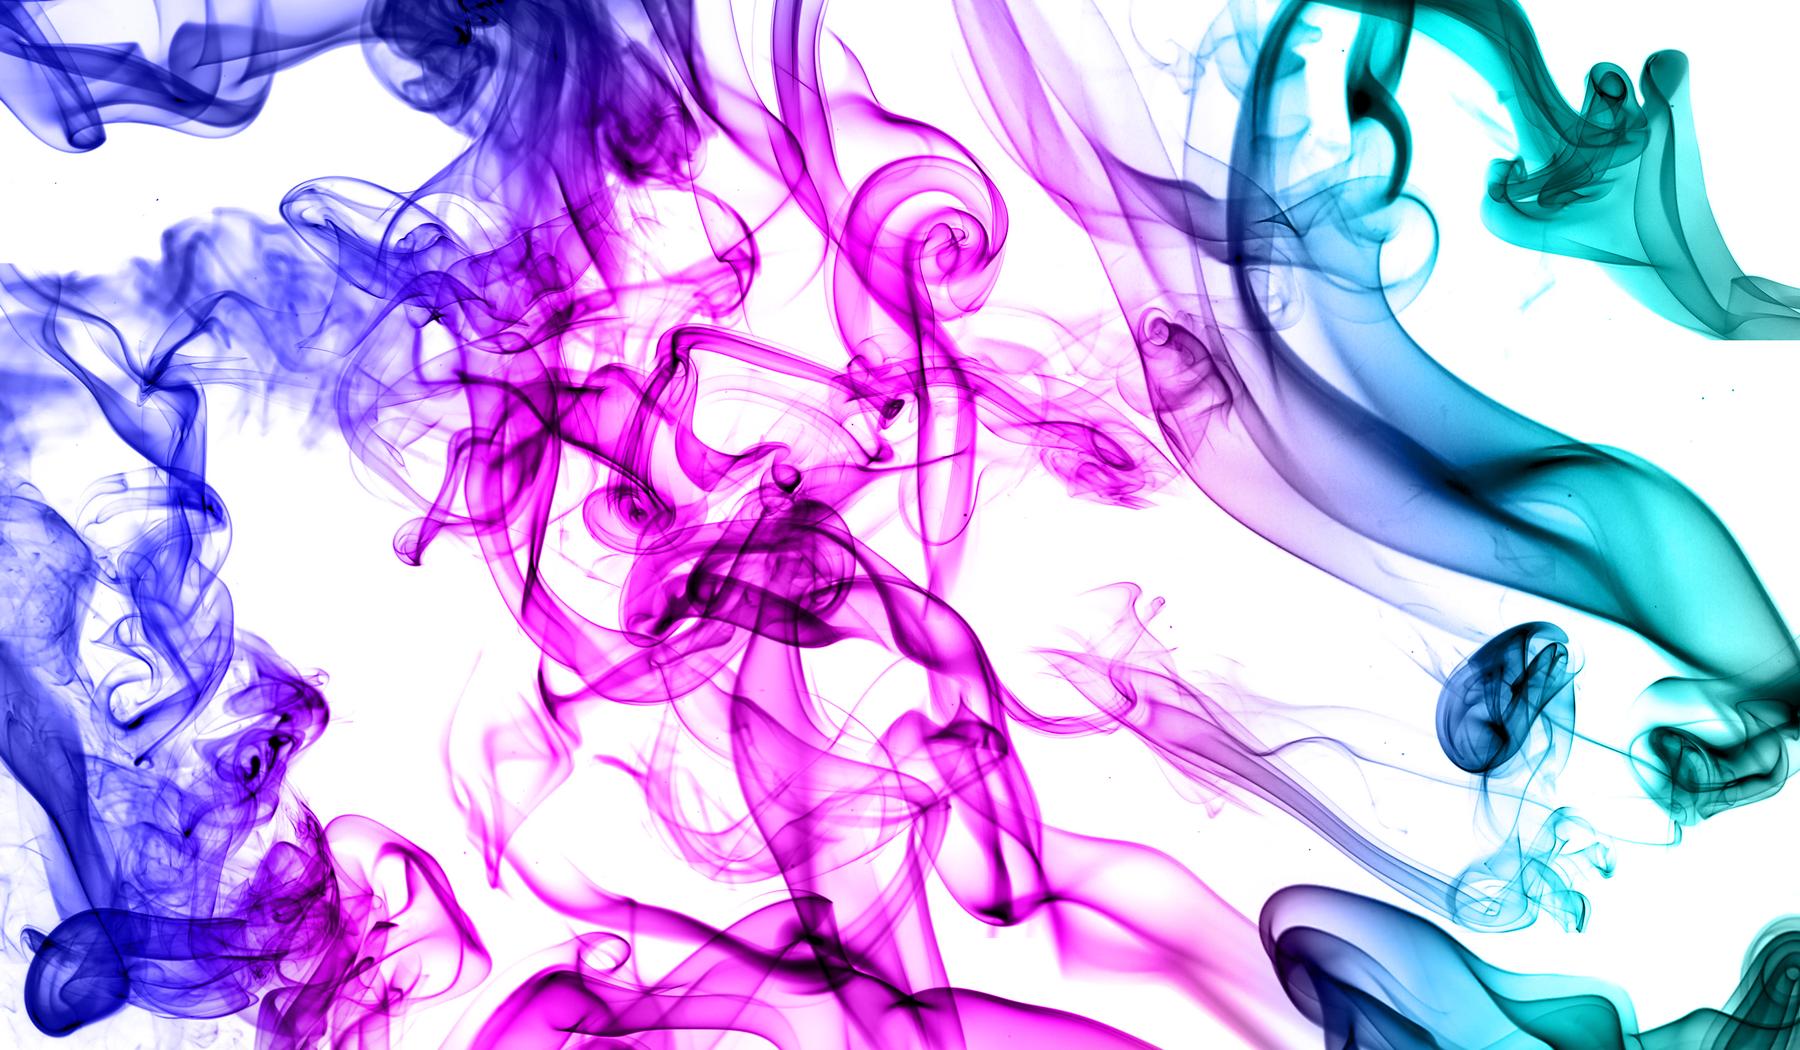 холодный колор пурпурная дымка в картинках необычный